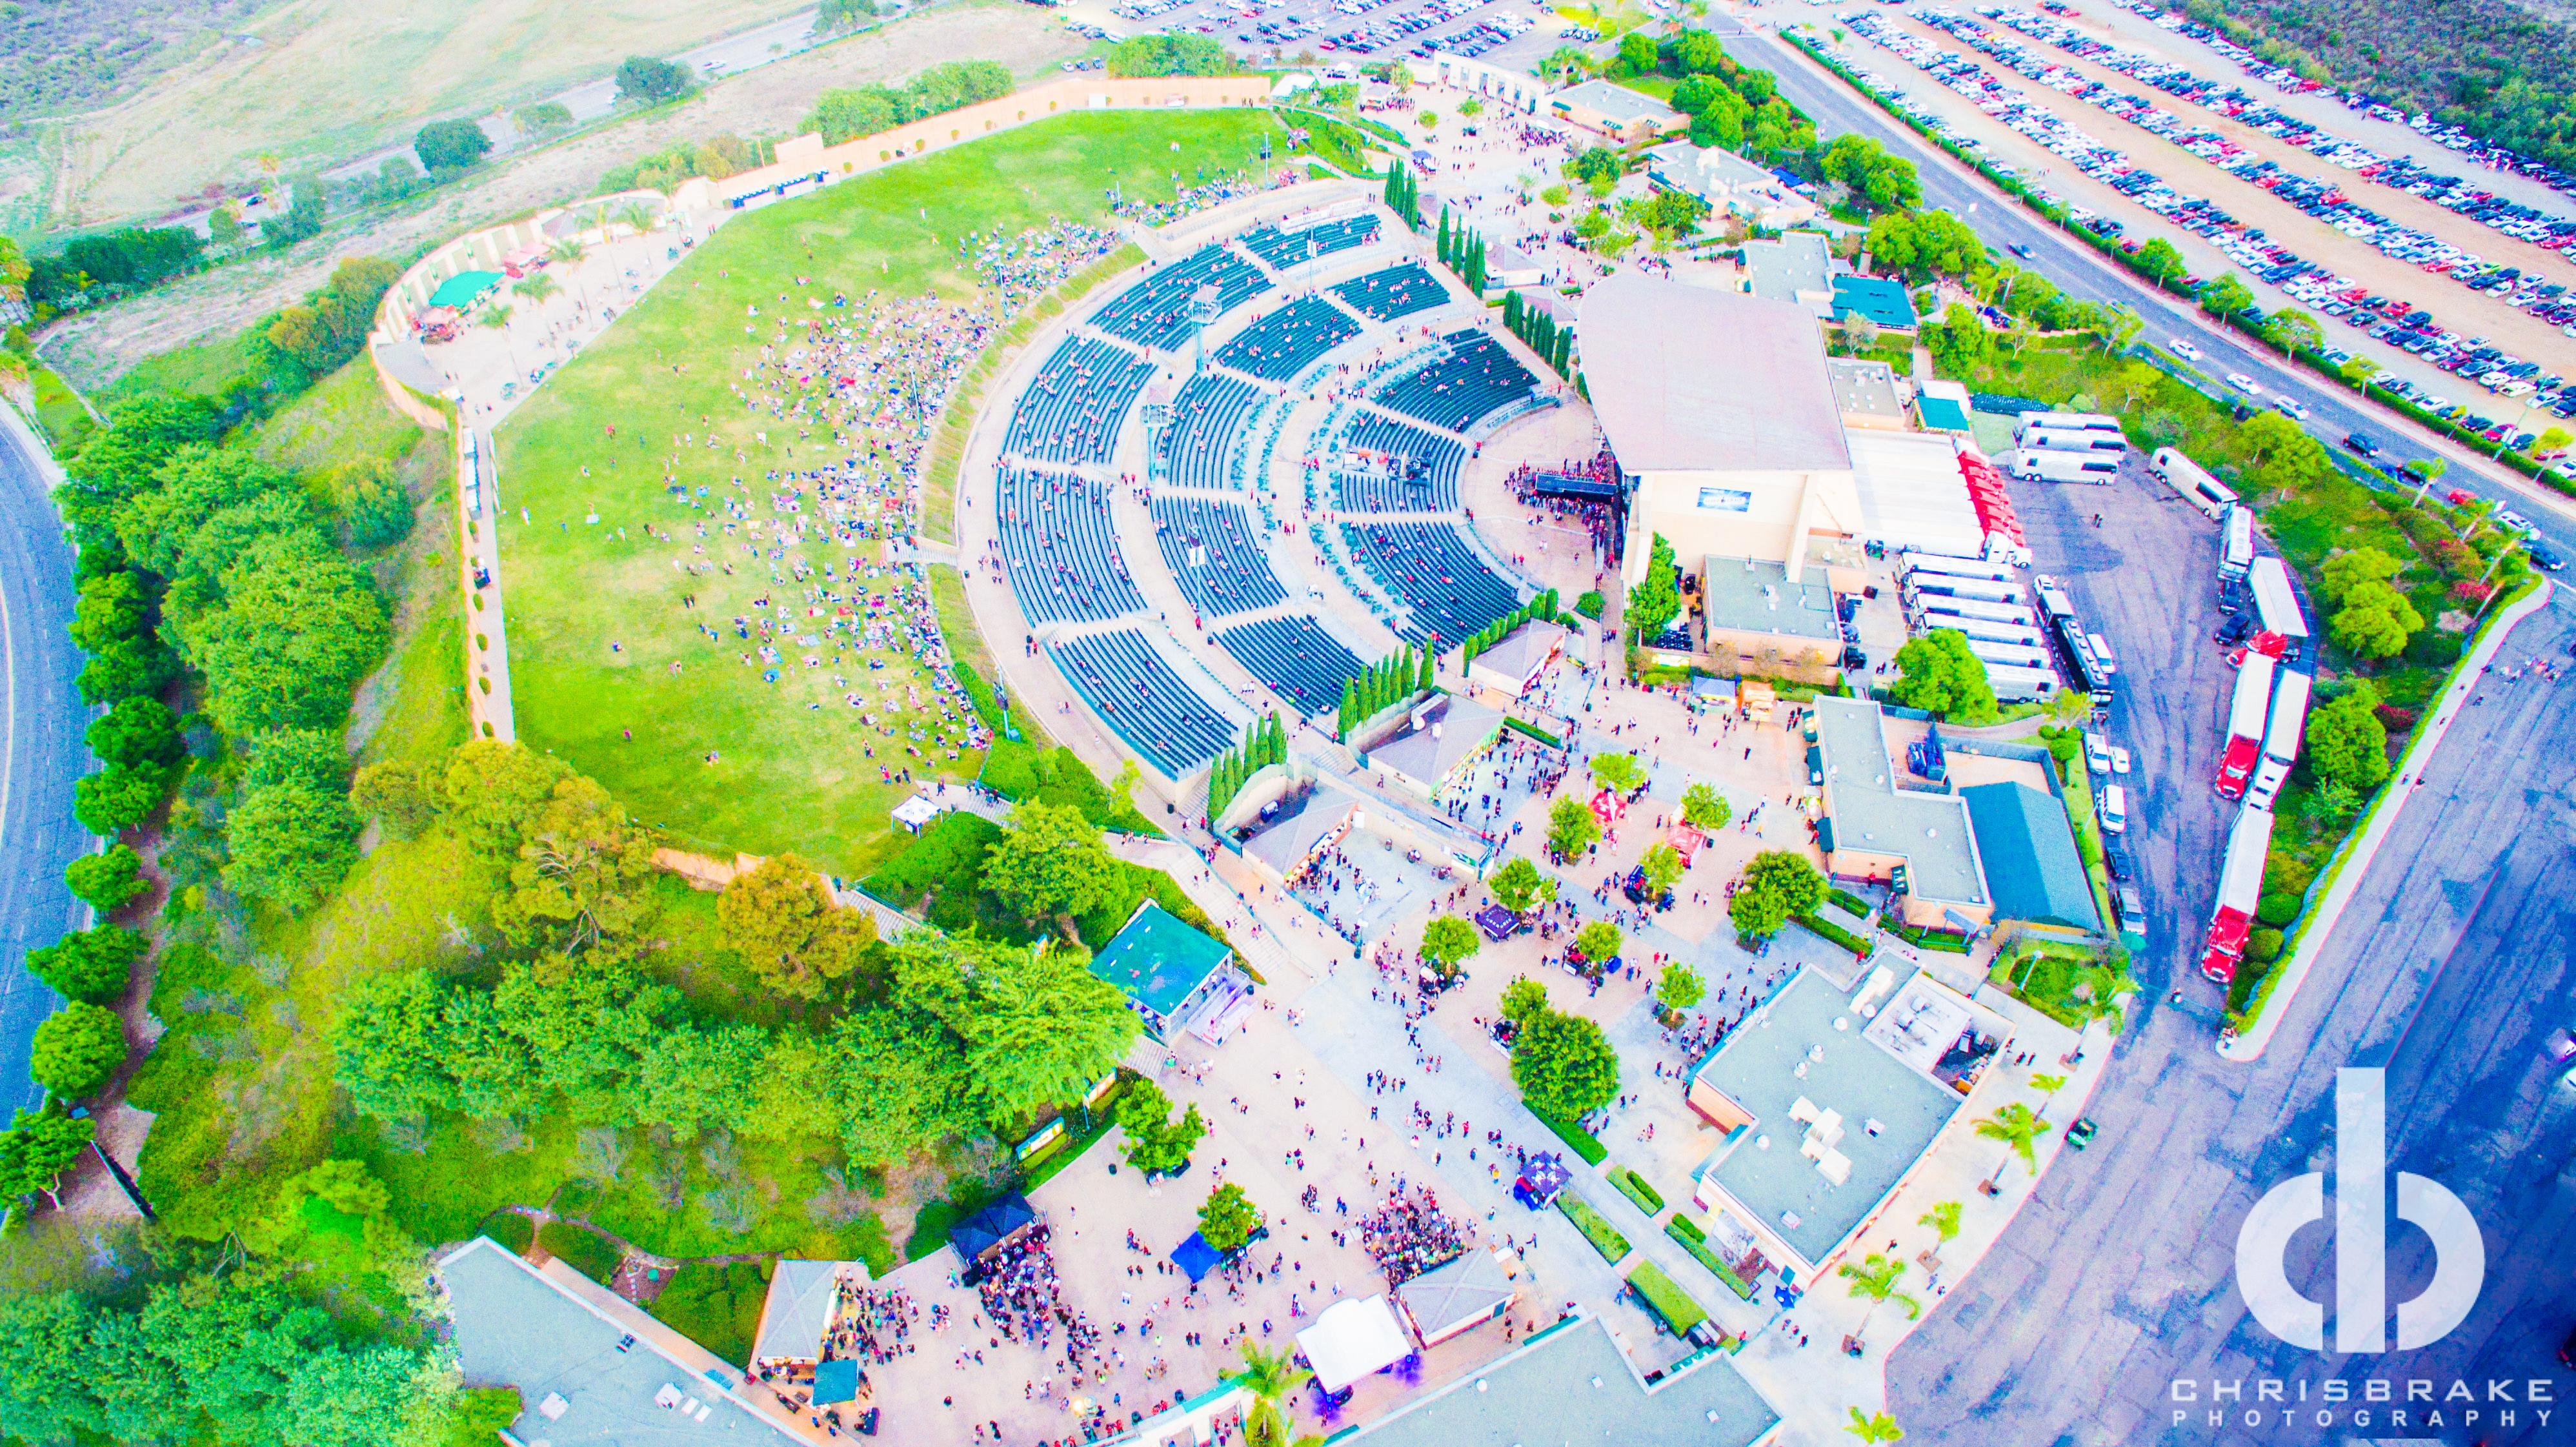 SleepTrain Amphitheater